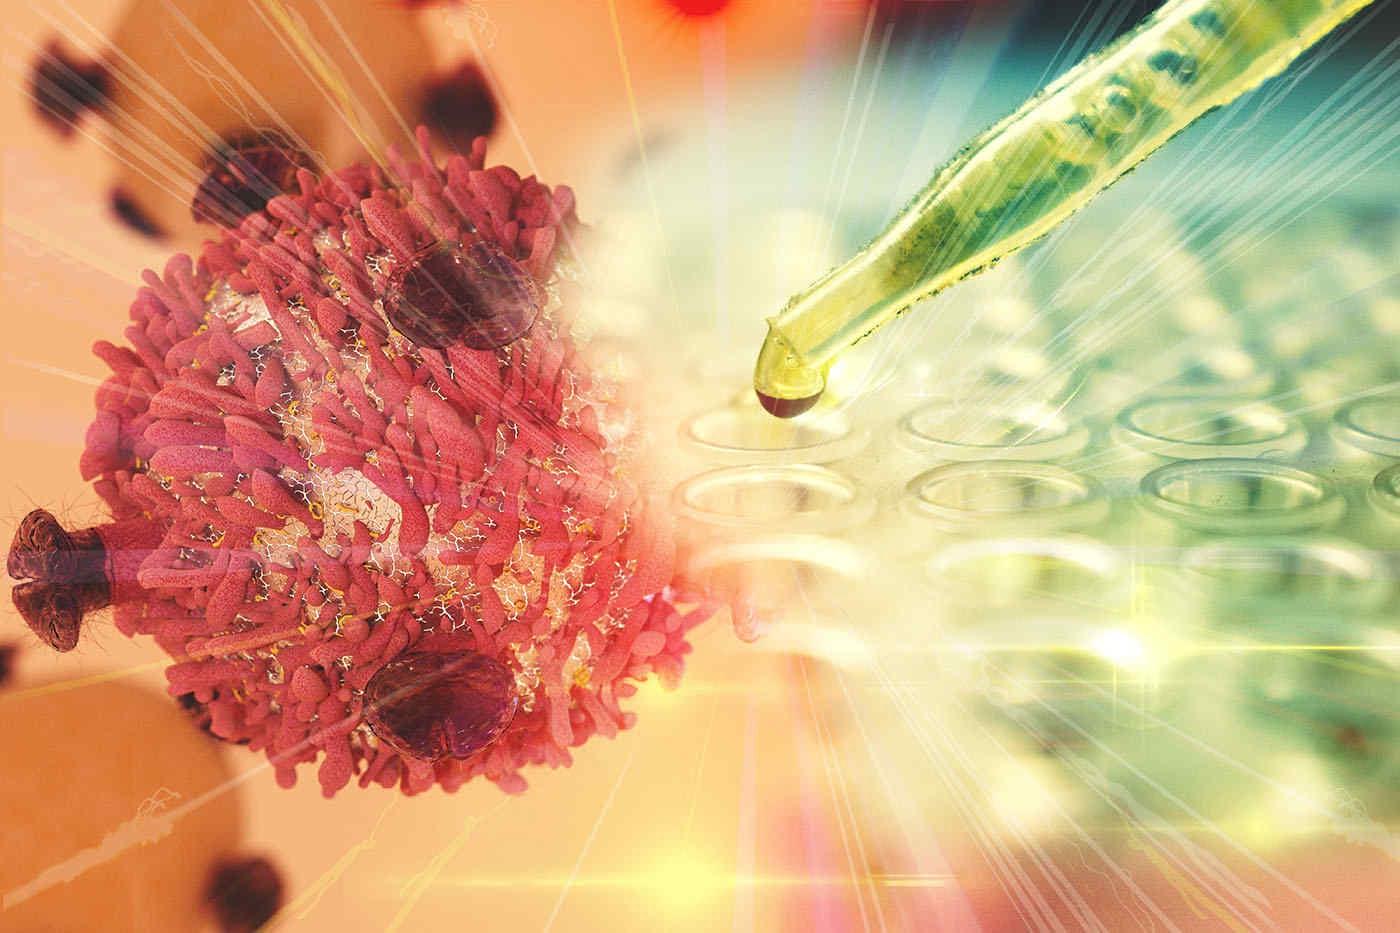 Terapii noi în cancerul pulmonar fără celule mici